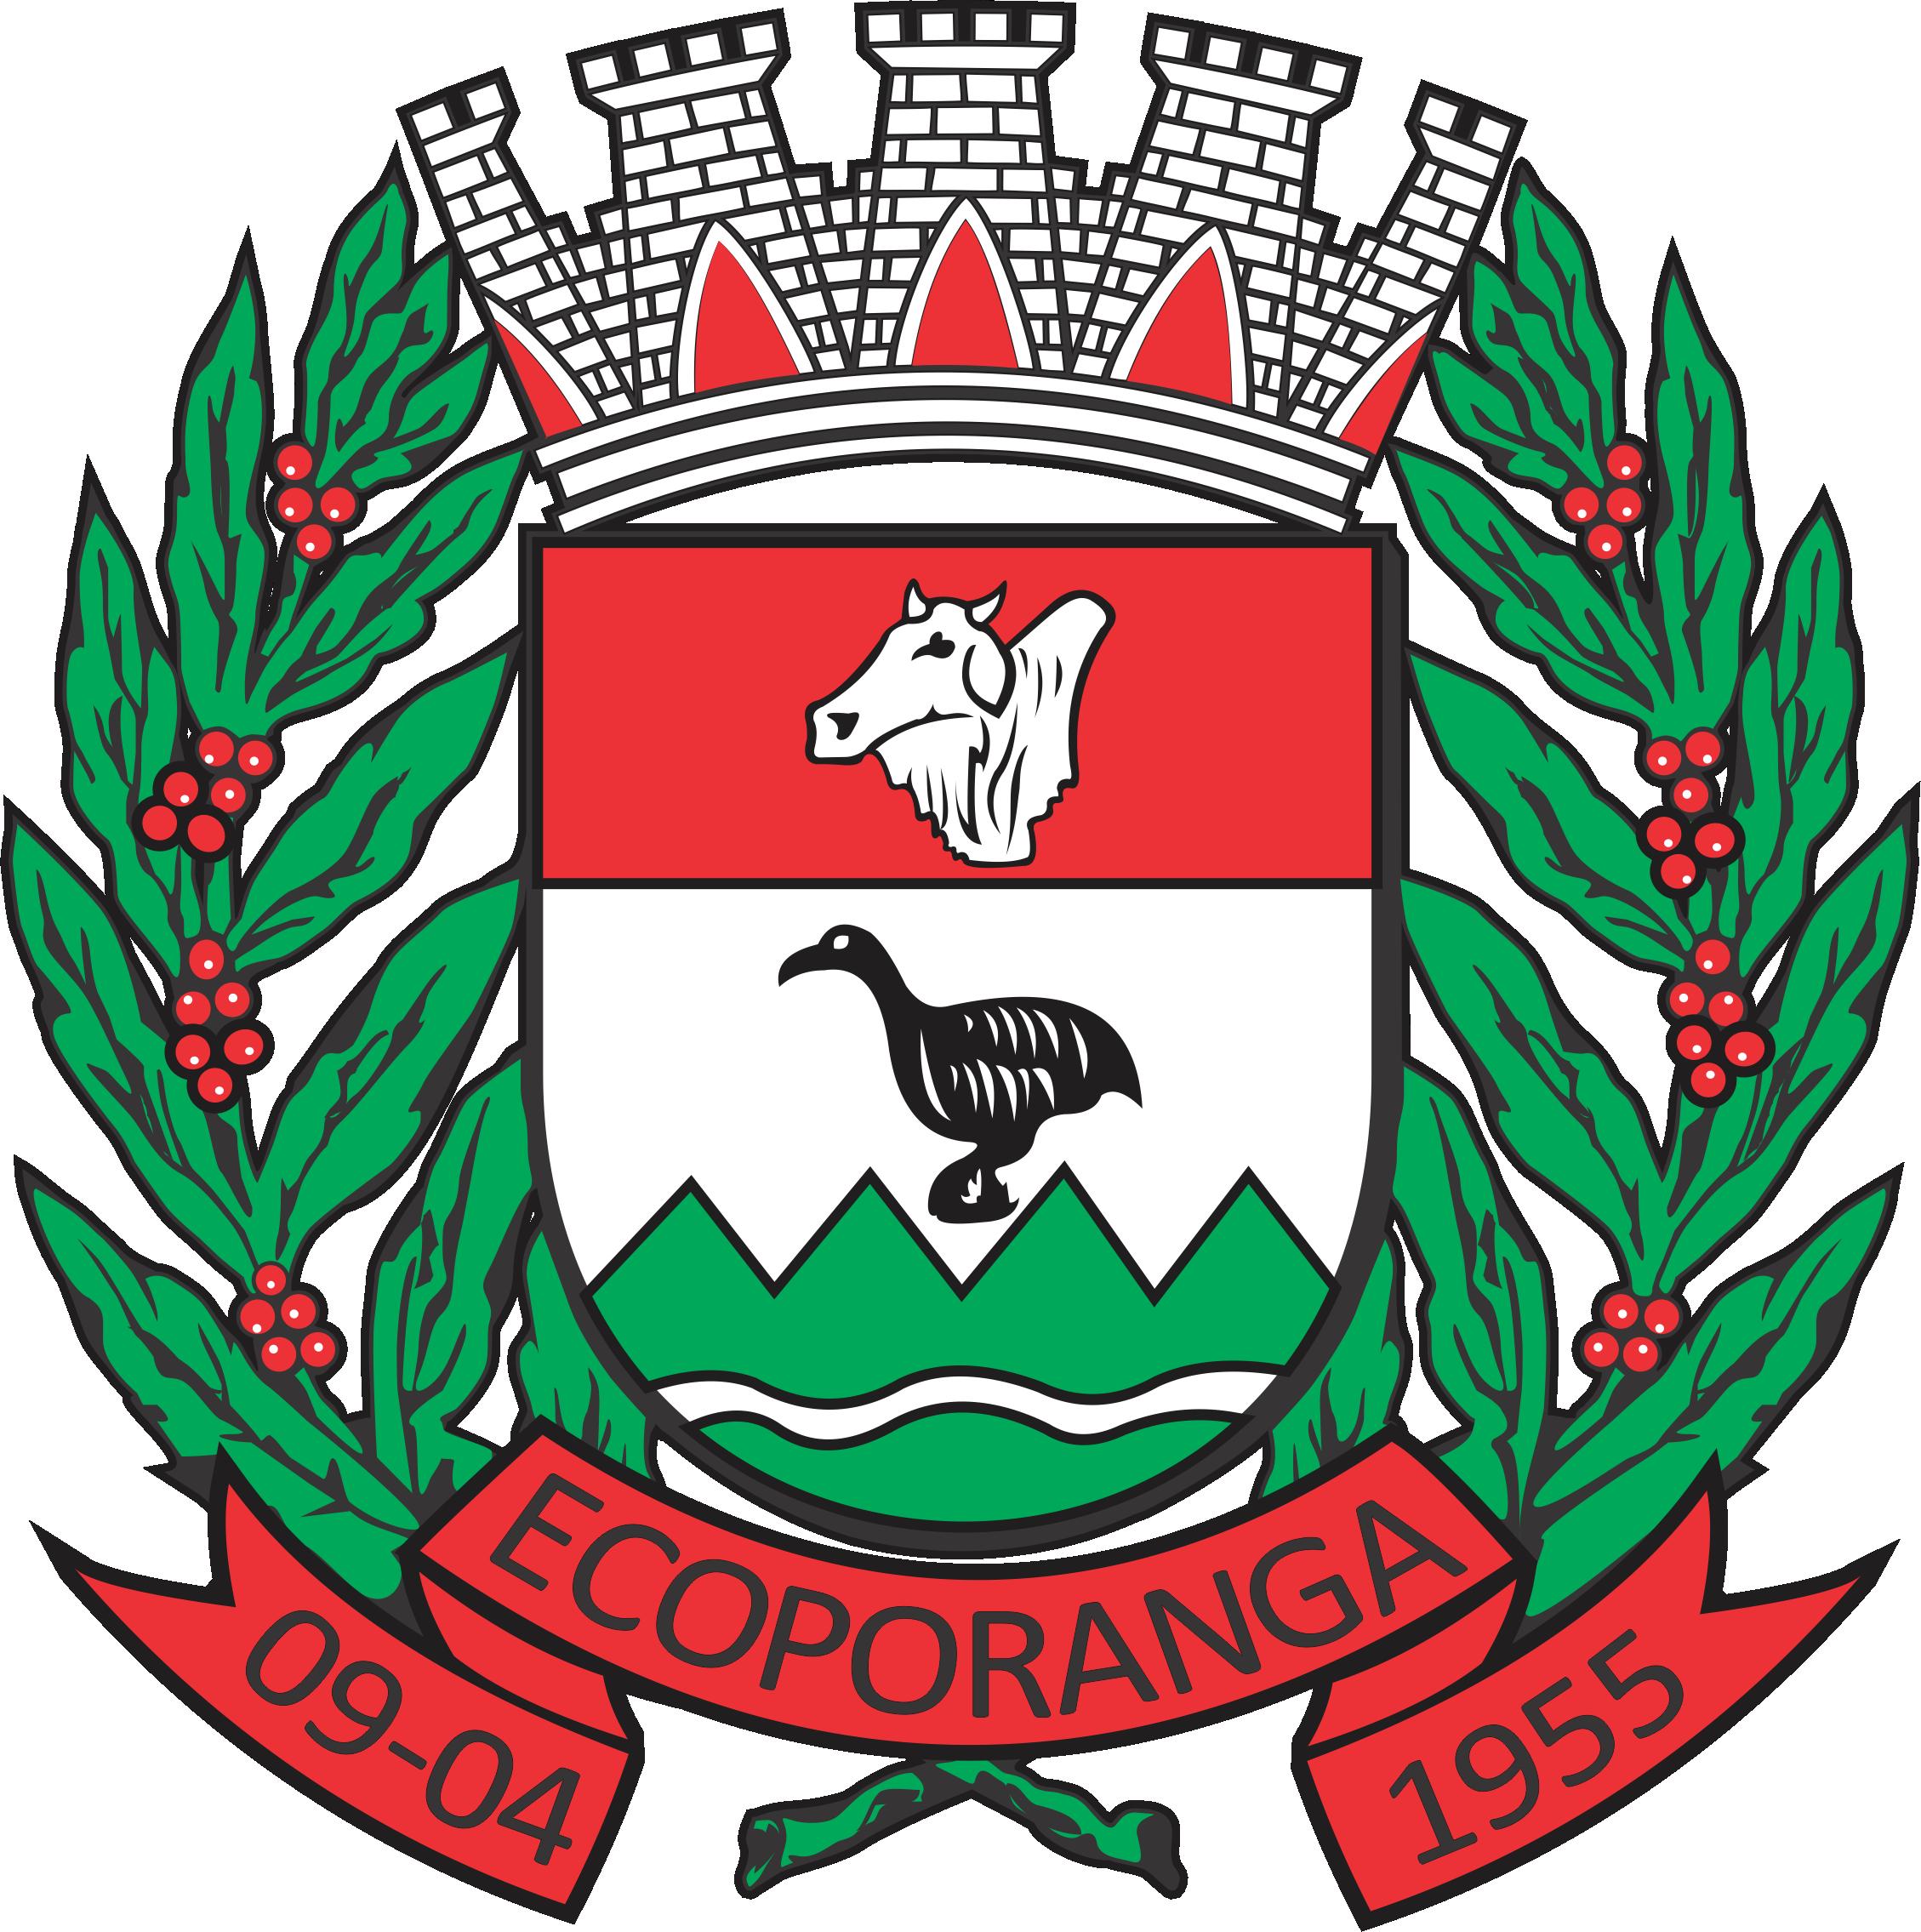 ecoporanga_brasao